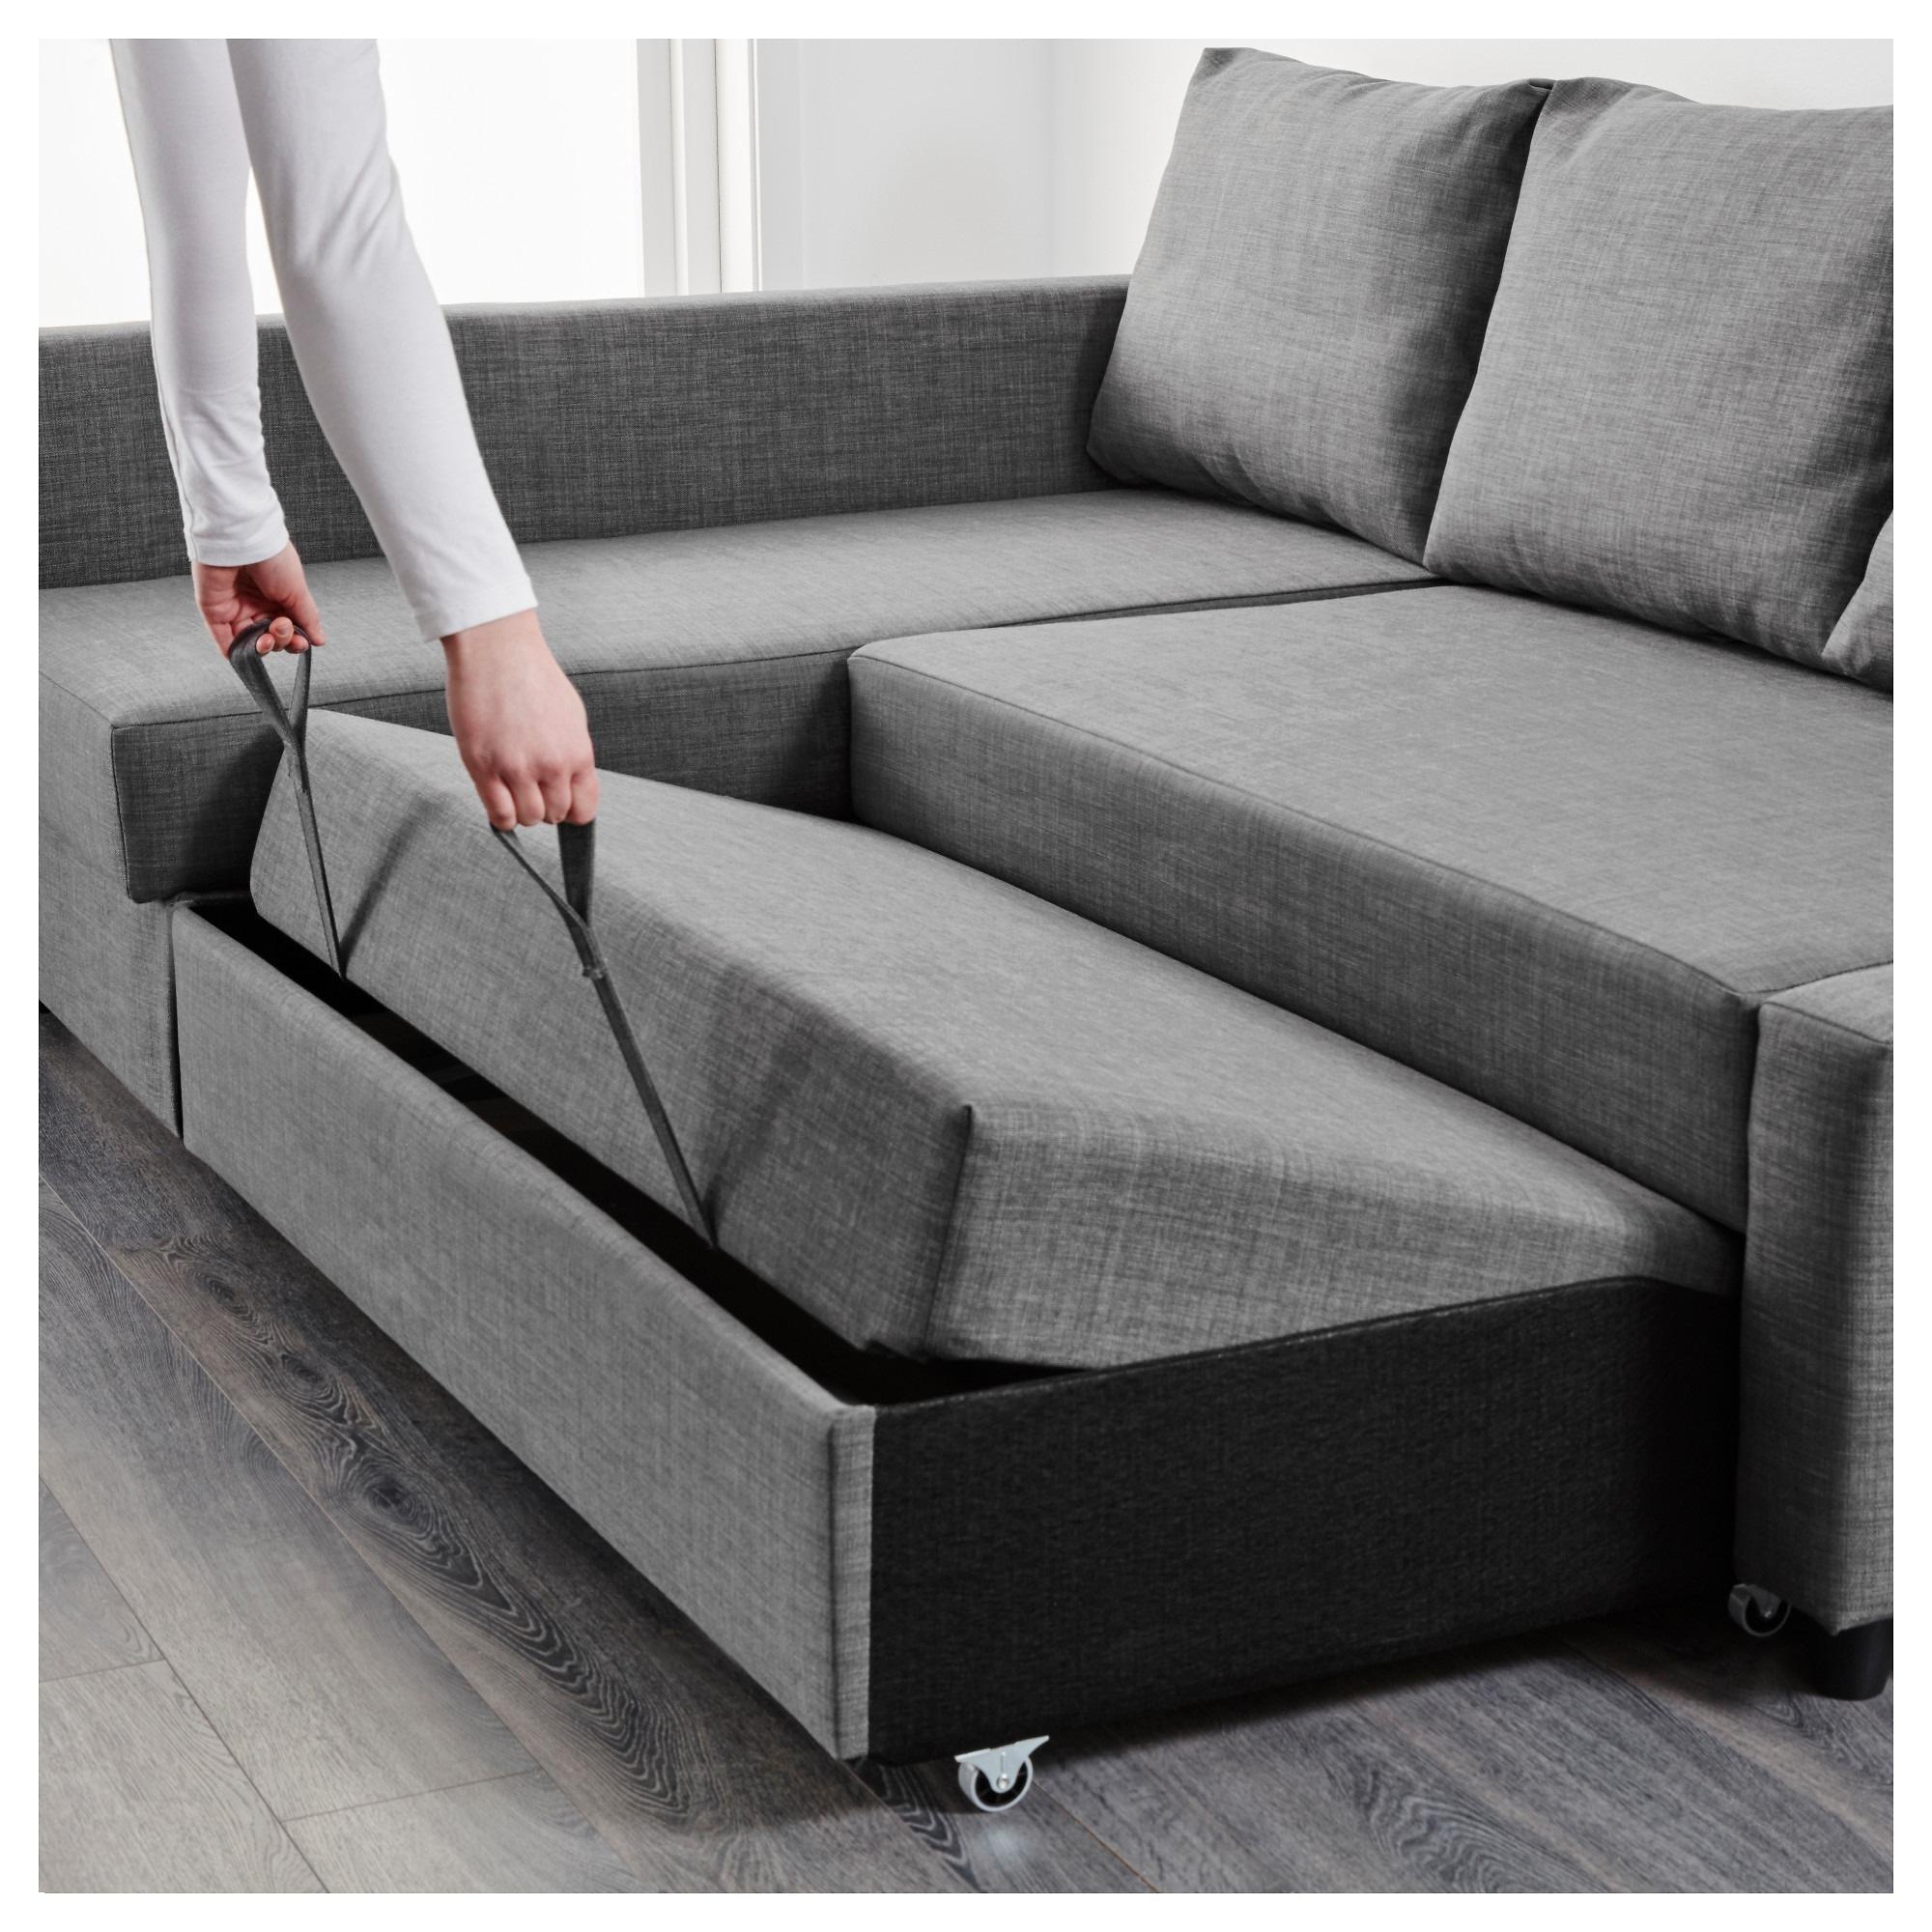 Friheten Ikea Avis Luxe Galerie Friheten sofa Bed Review sofa